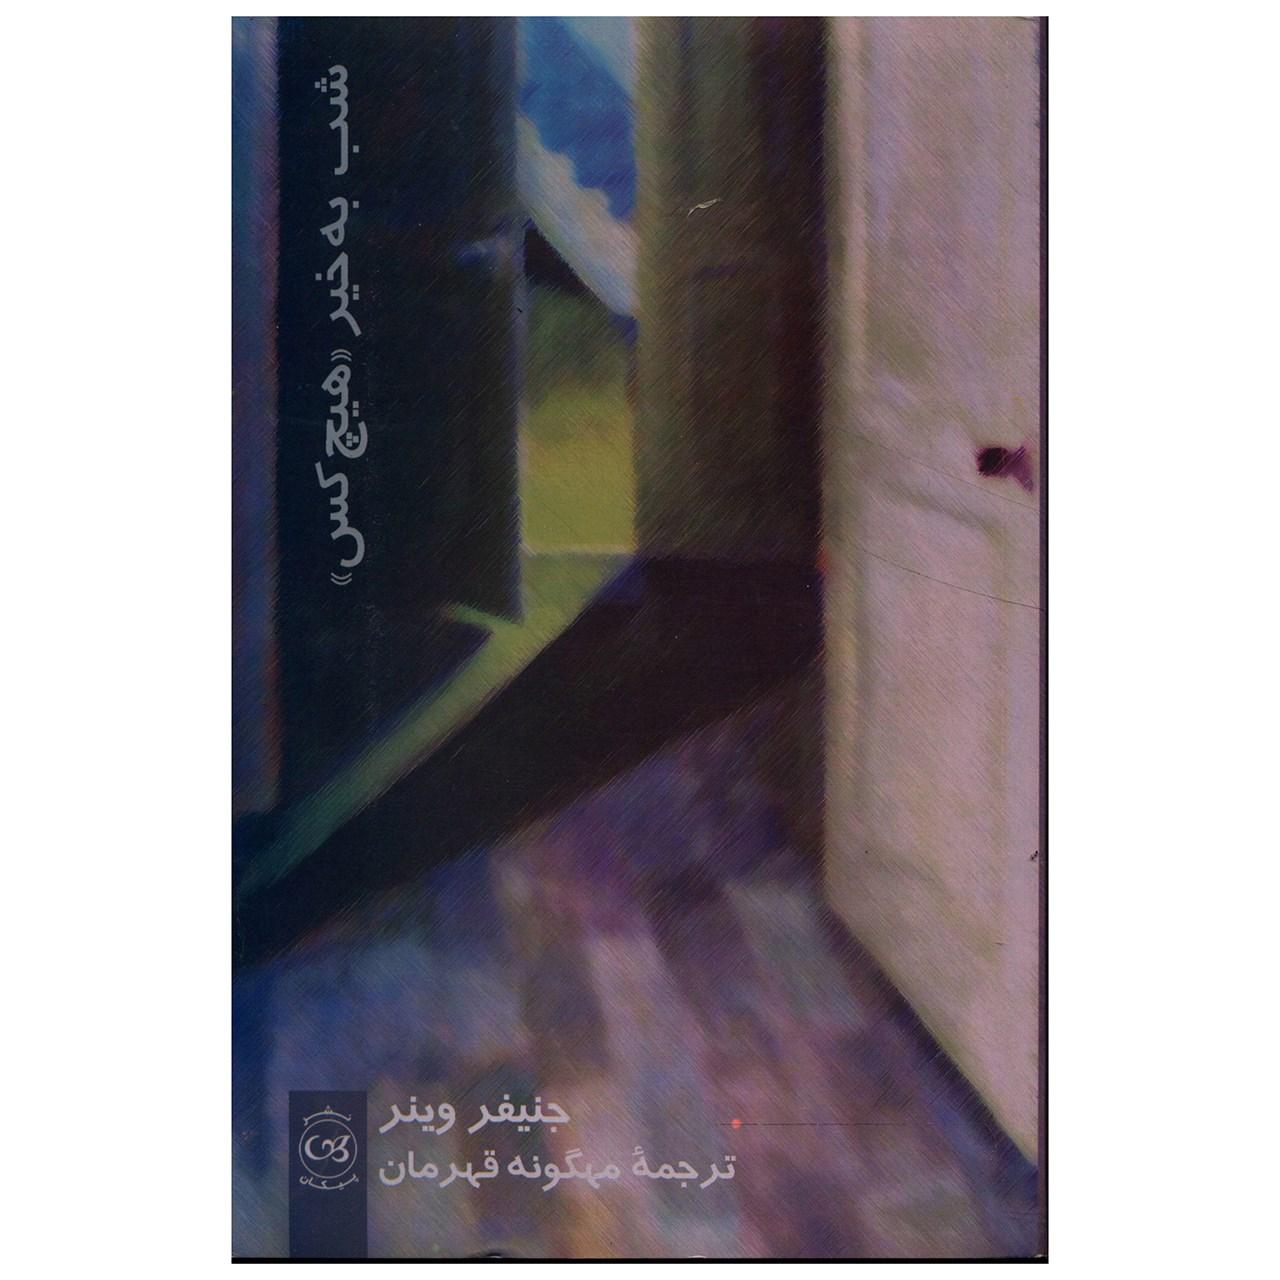 کتاب شب به خیر هیچ کس اثر جنیفر وینر